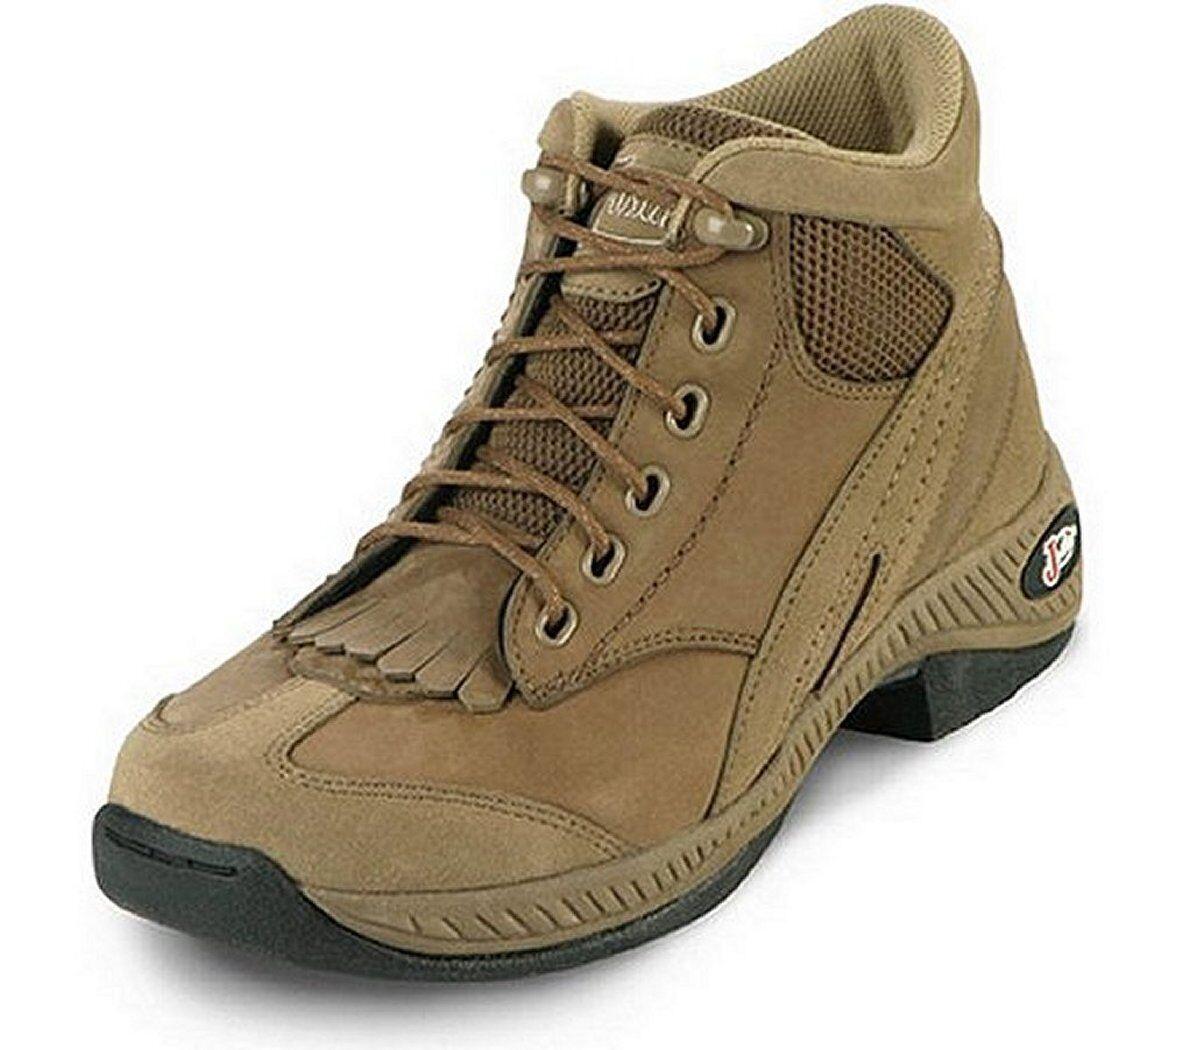 Justin Damenschuhe Khaki L0161 George Strait Bandera Series Hikers Schuhes Khaki Damenschuhe Suede 6M S e27a4b